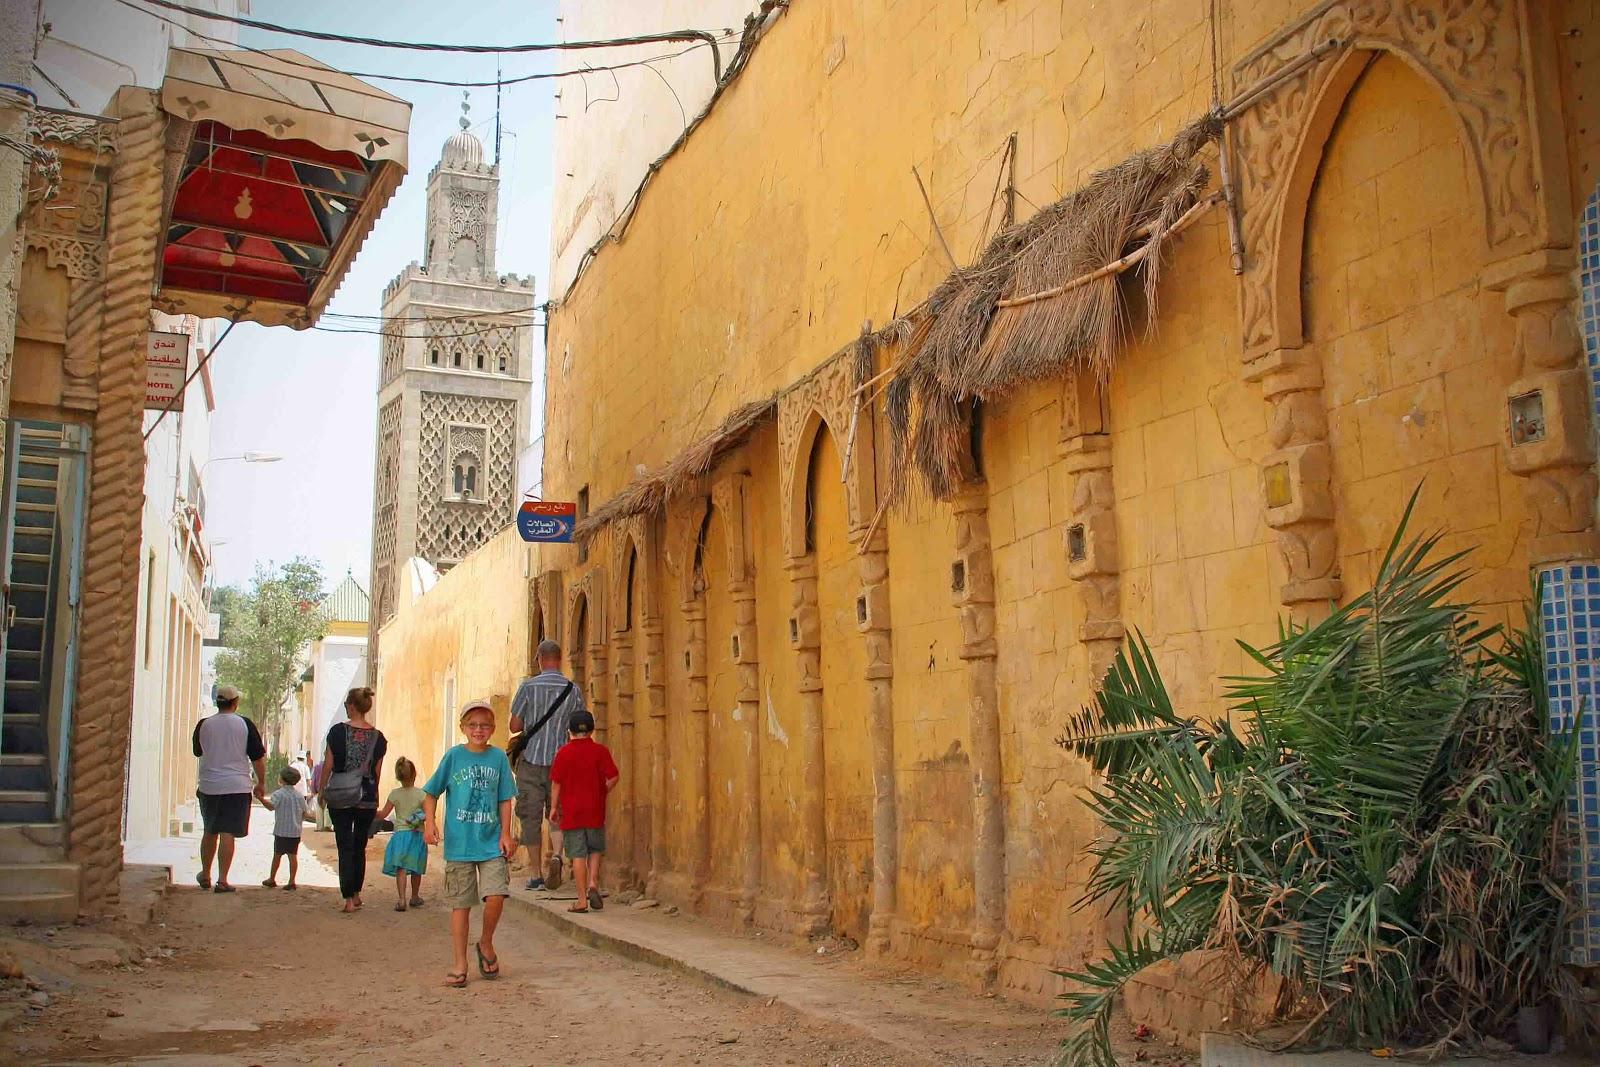 Movie times in medina